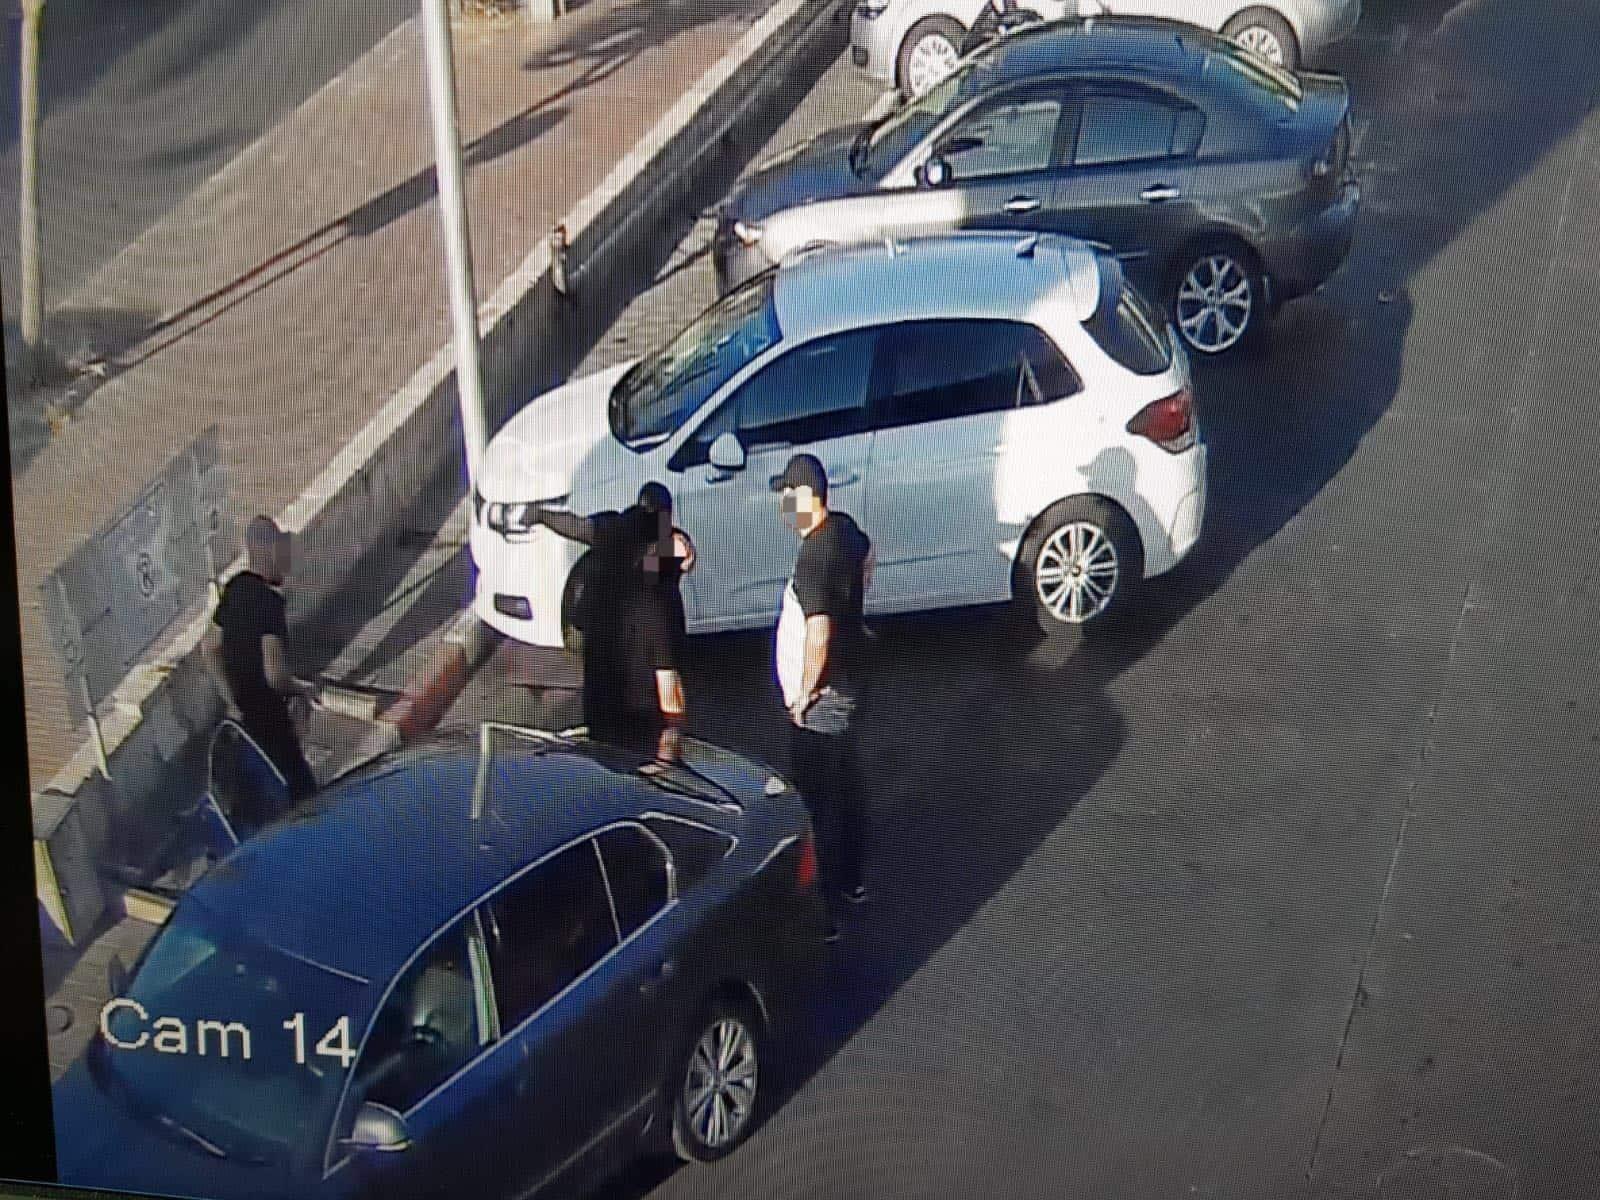 מפגש יזום בין הקורבן למעורבים, צילום: משטרת ישראל